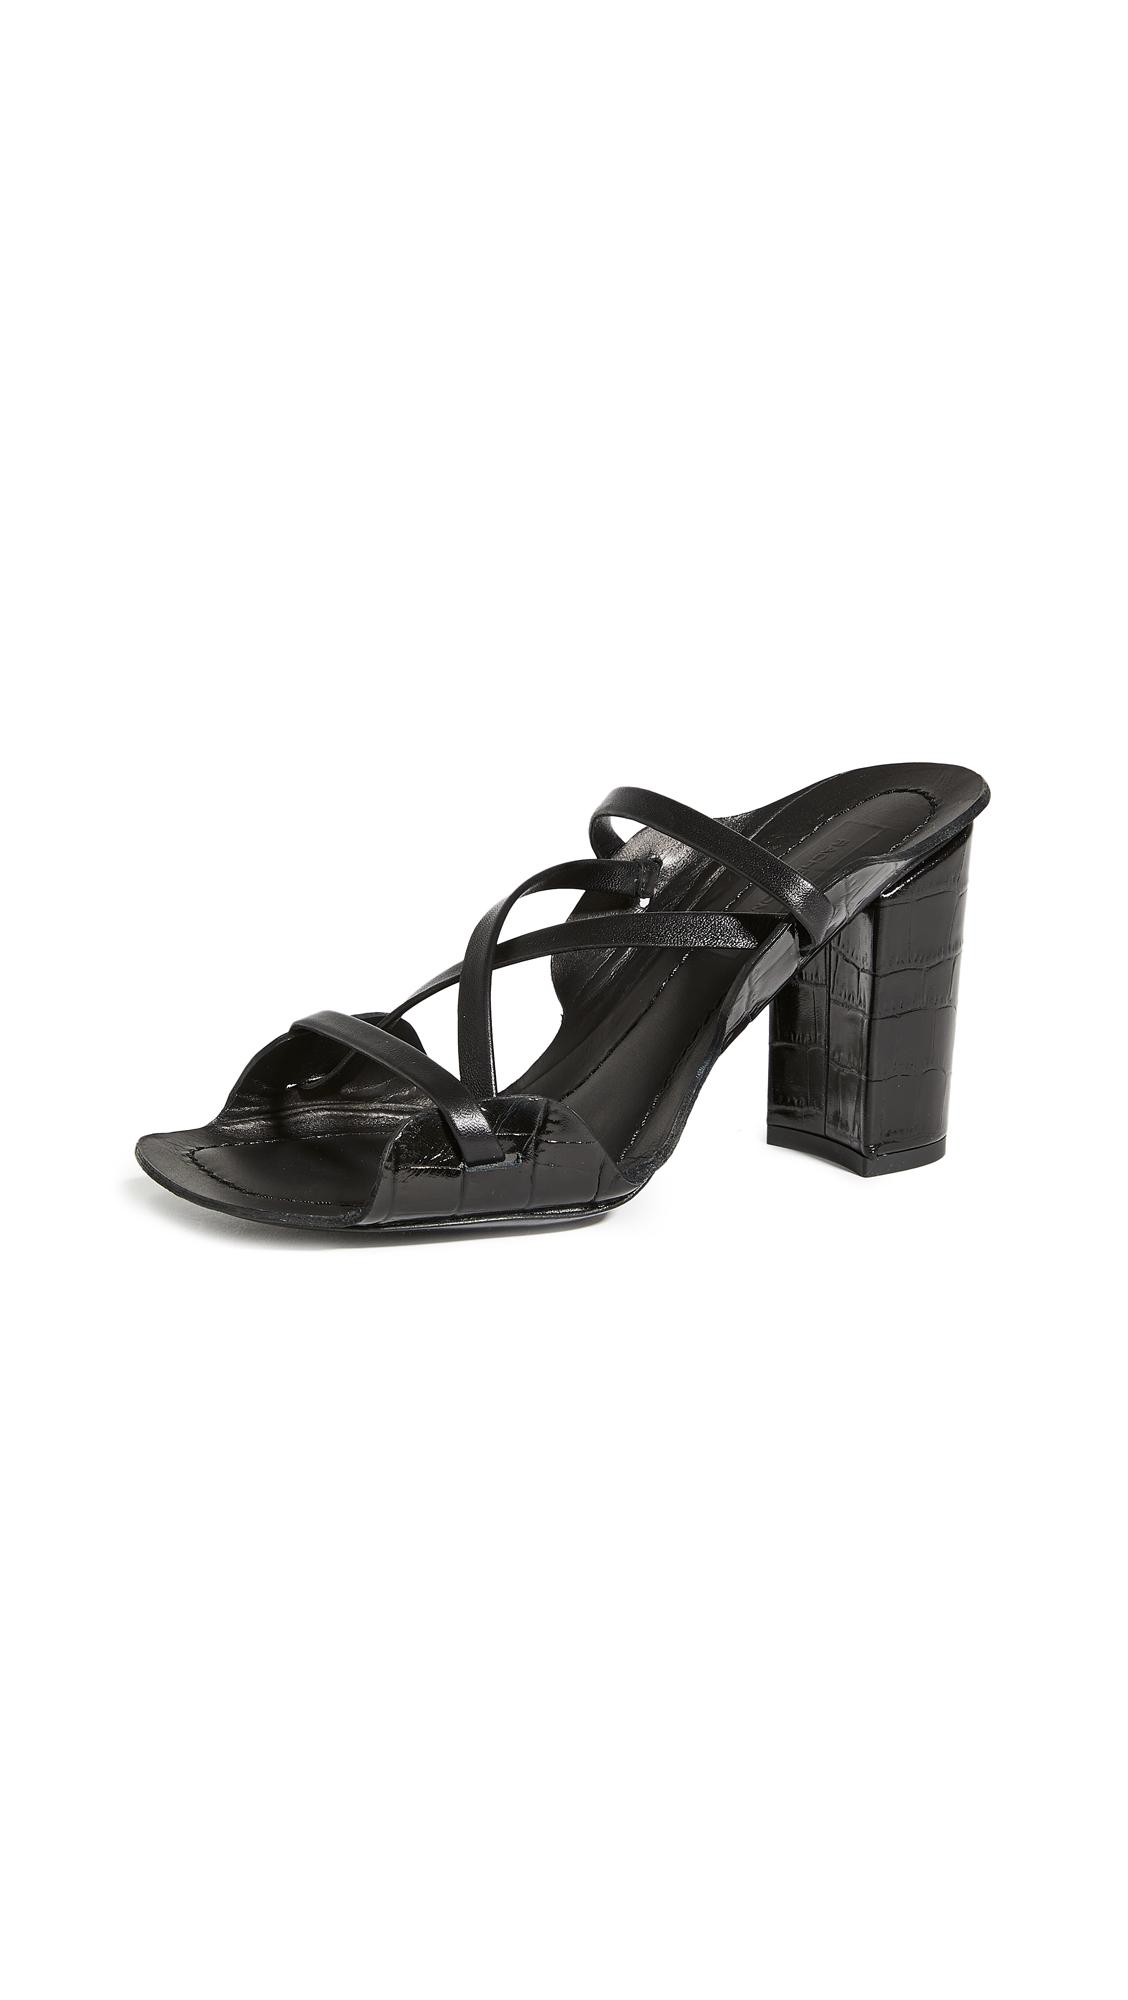 Buy Rachel Comey Reign Sandals online, shop Rachel Comey